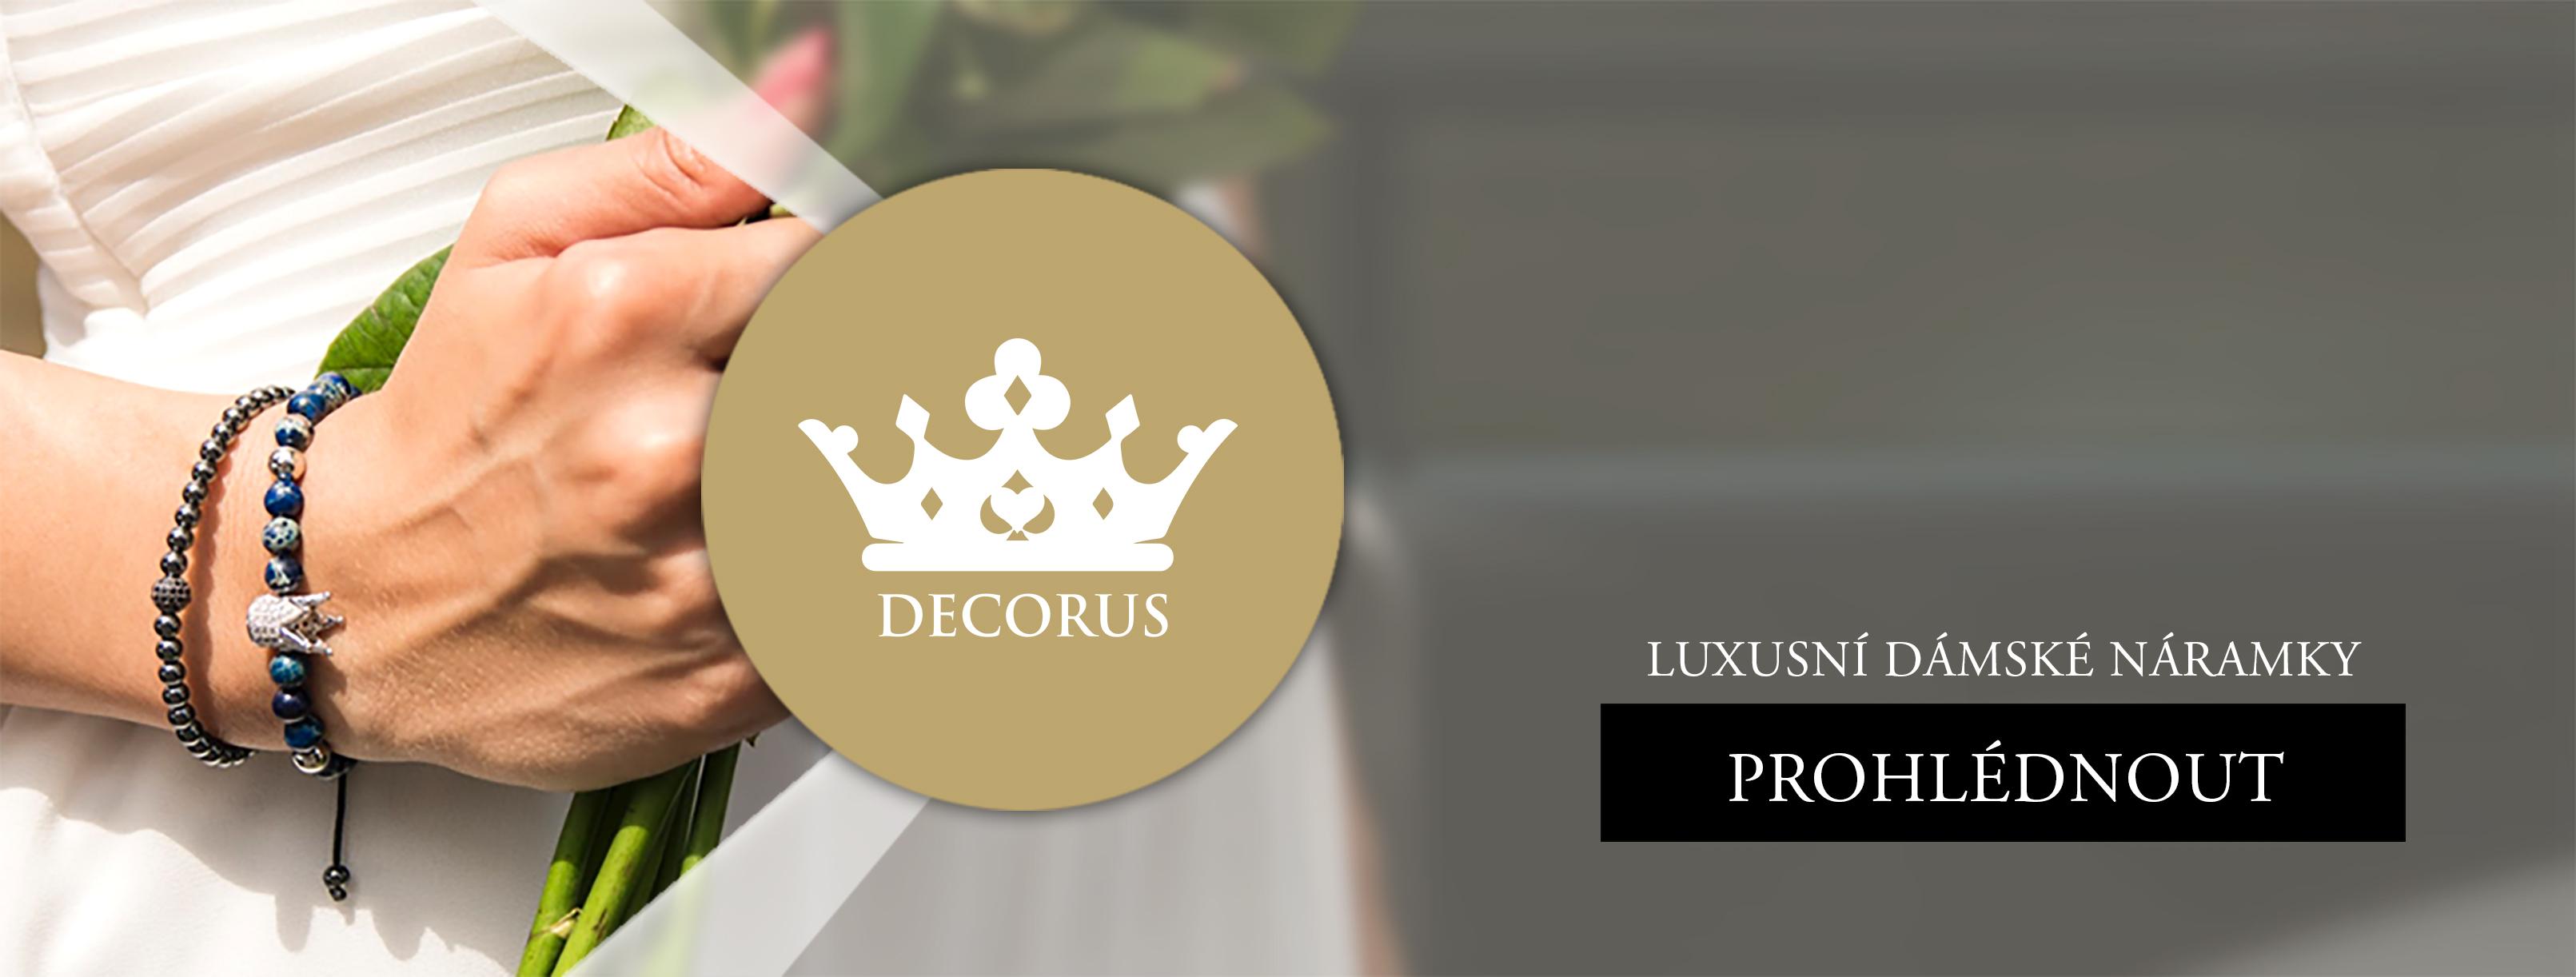 Decorus - Luxusní dámské náramky